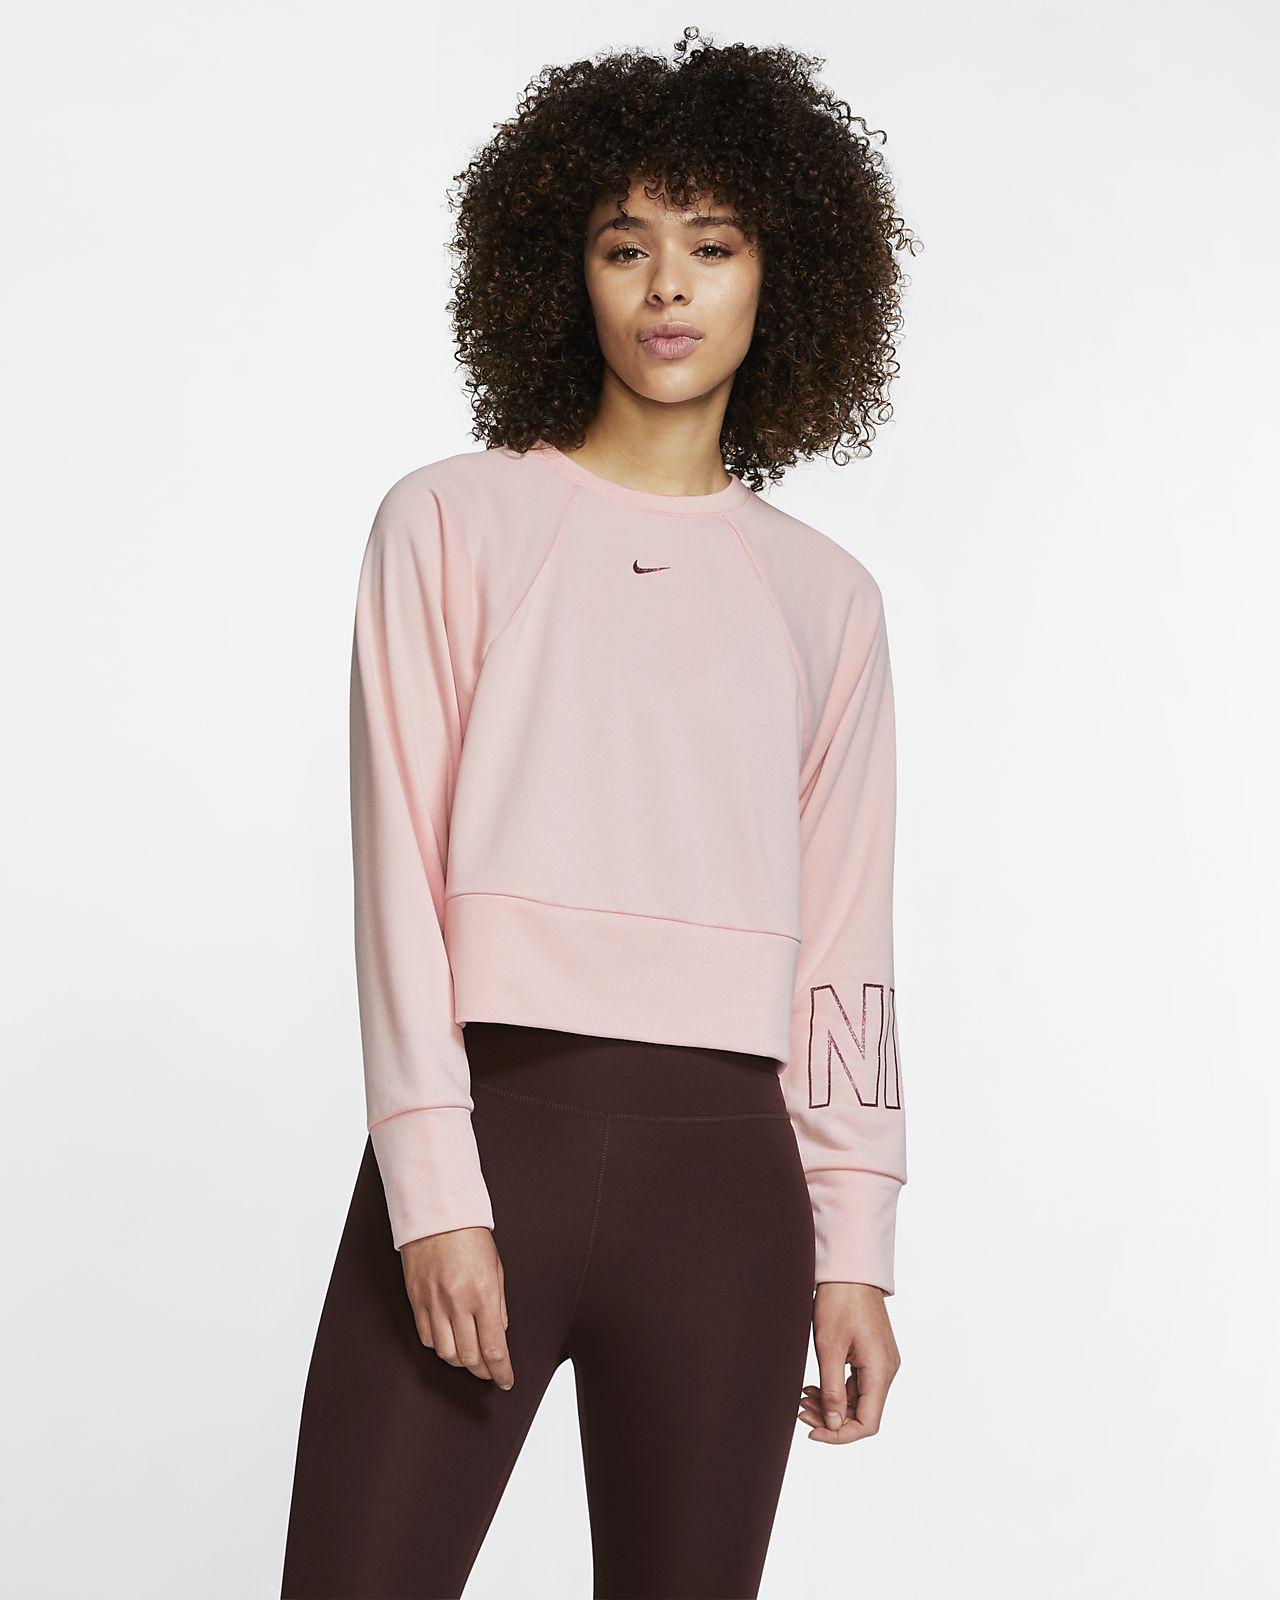 Nike Dri-FIT Get Fit-fleecetræningstrøje med grafik og rund hals til kvinder